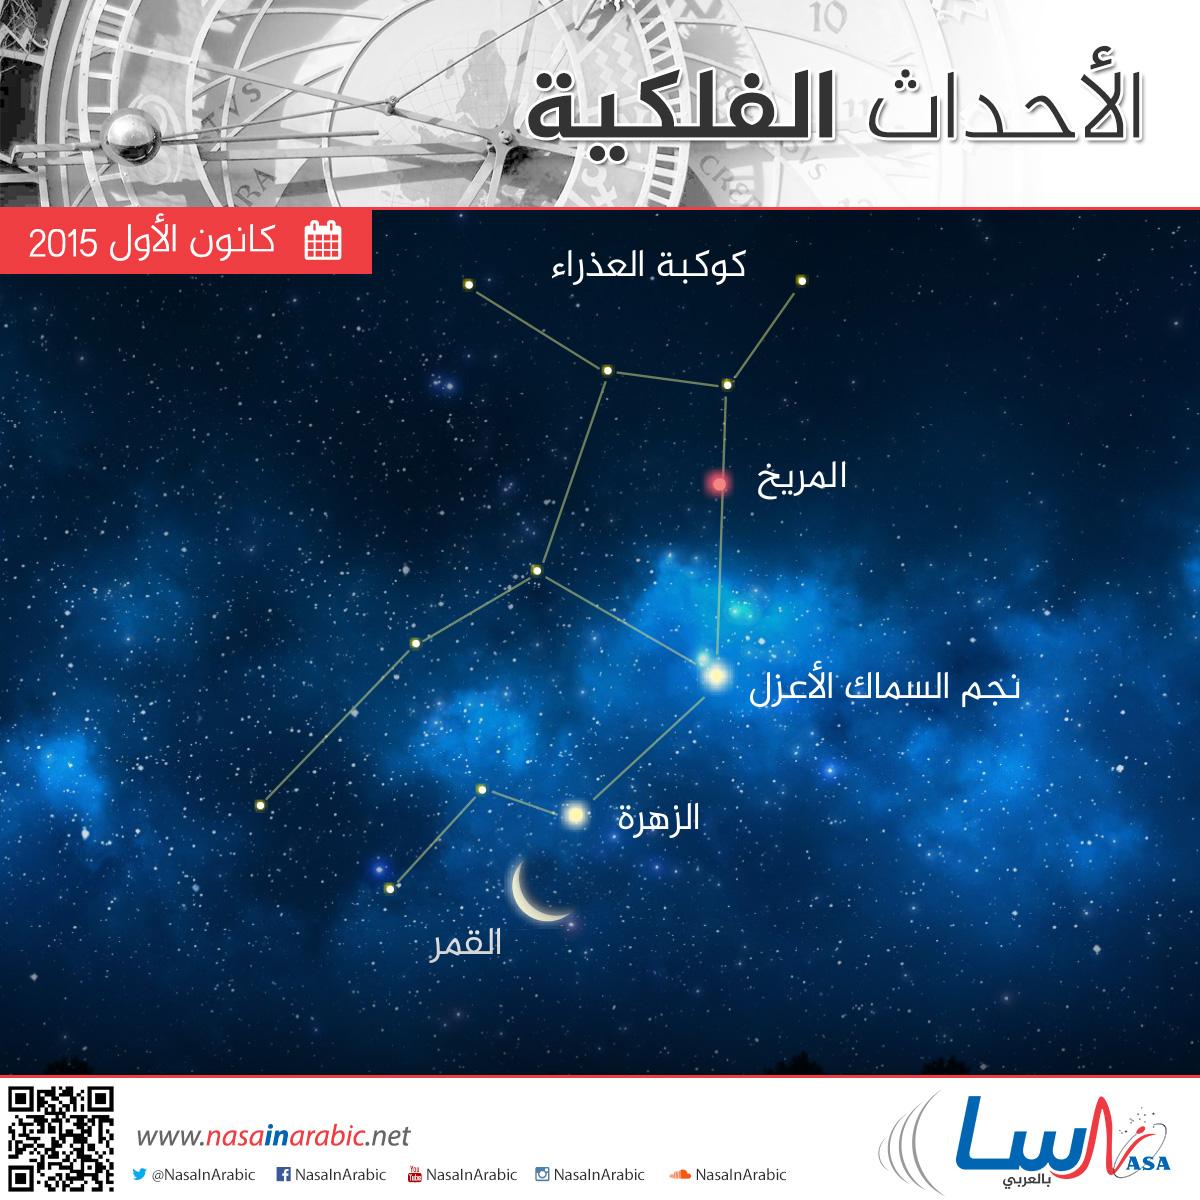 أهم الأحداث الفلكية خلال شهر ديسمبر/كانون الأول 2015